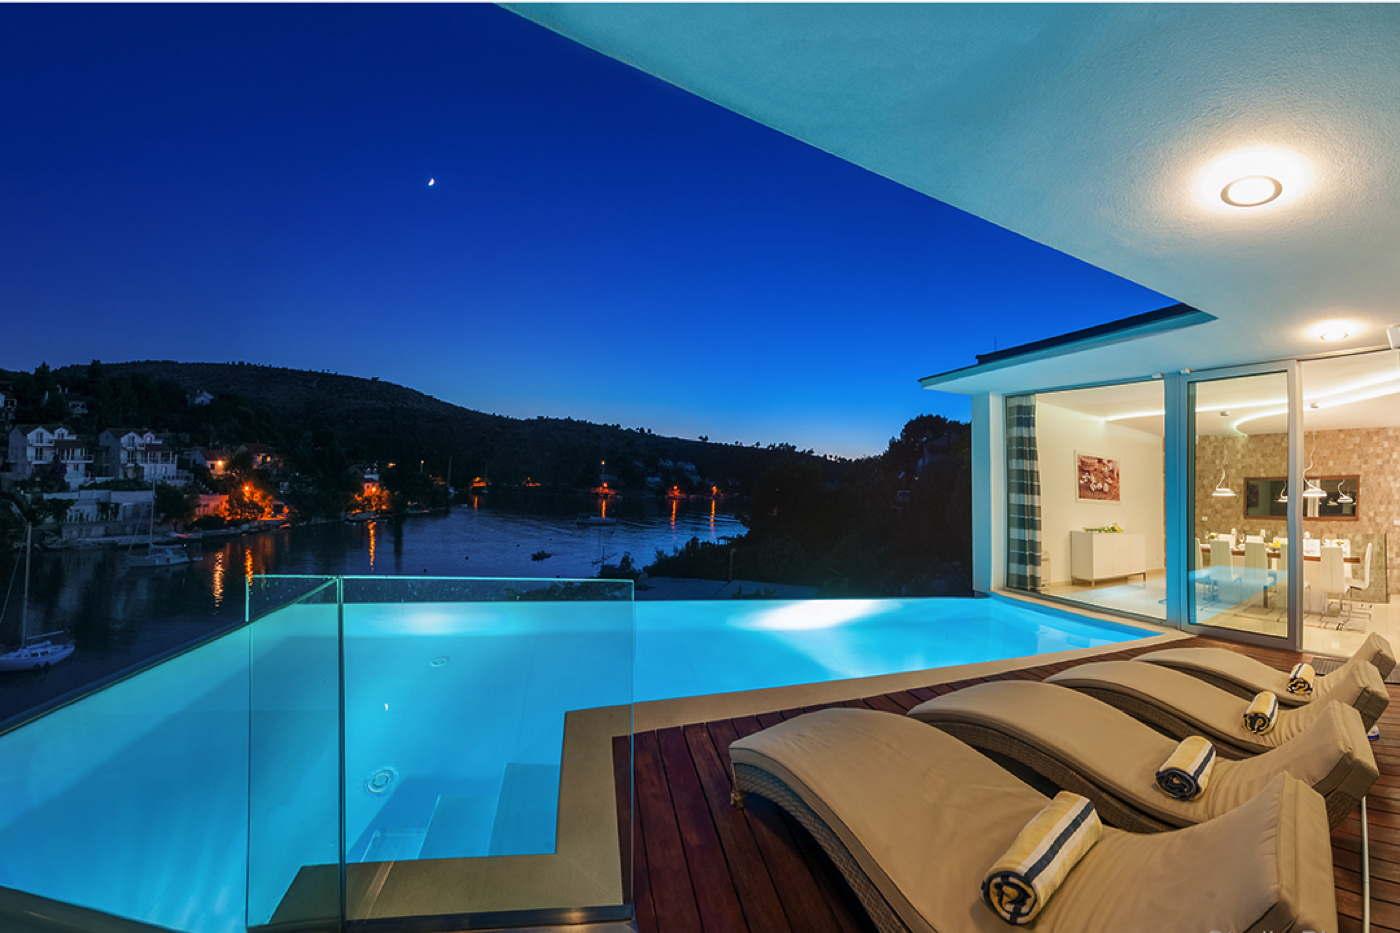 Moderne luxusvilla am meer mit pool  Moderne Luxusvilla mit Infinity-Pool direkt am Meer Insel Brac ...